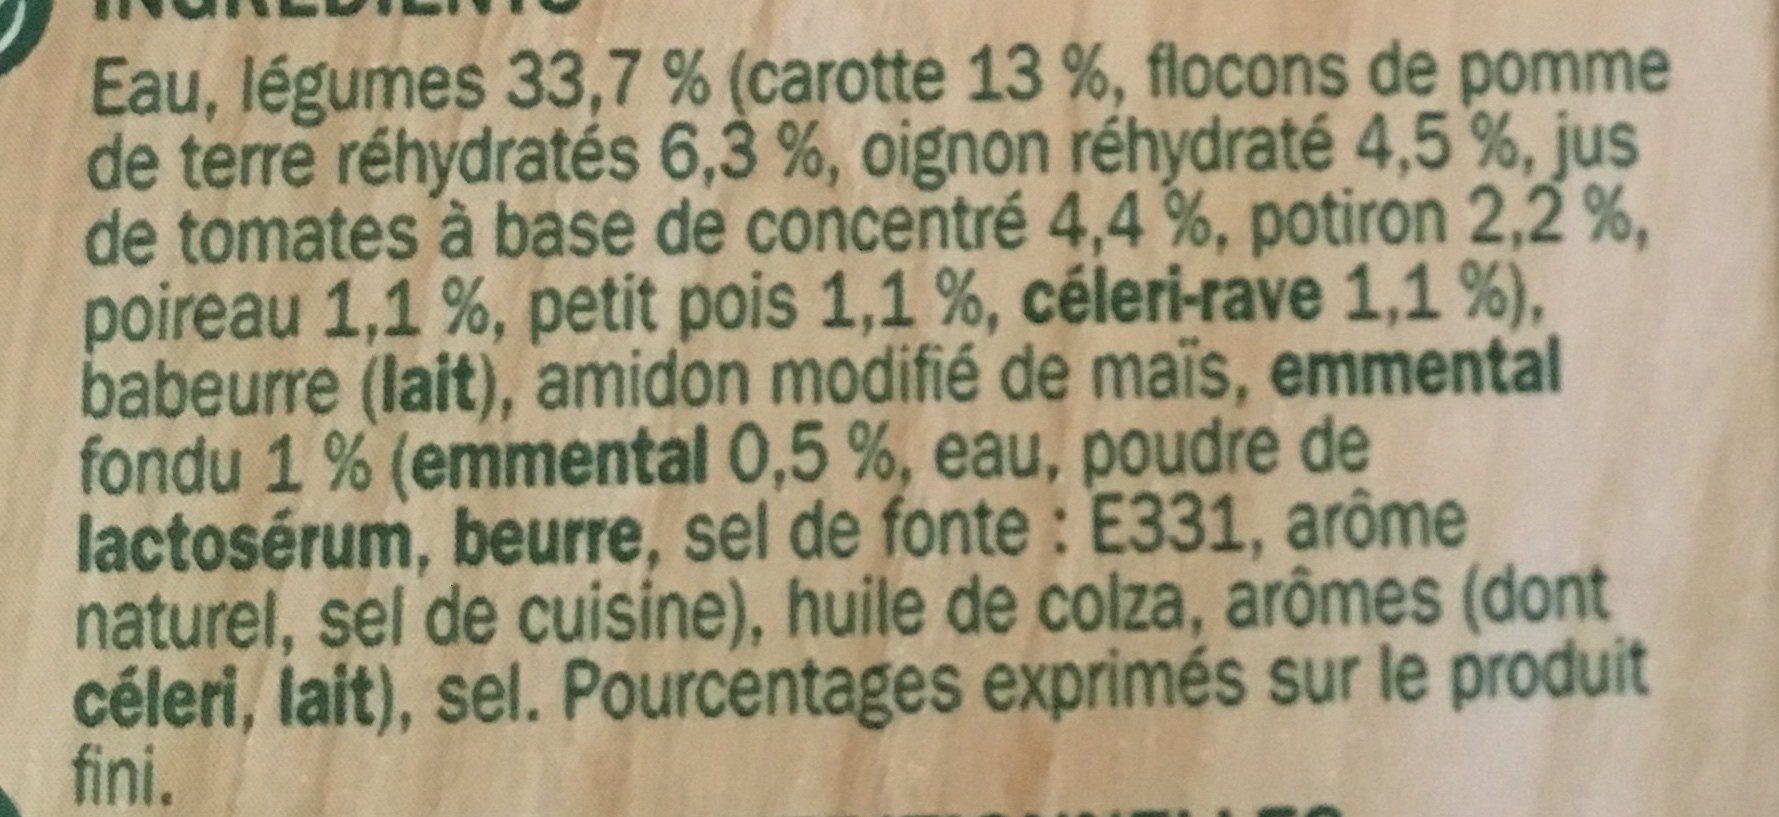 Velouté Gourmand aux 8 Légumes et emmental - Ingrédients - fr